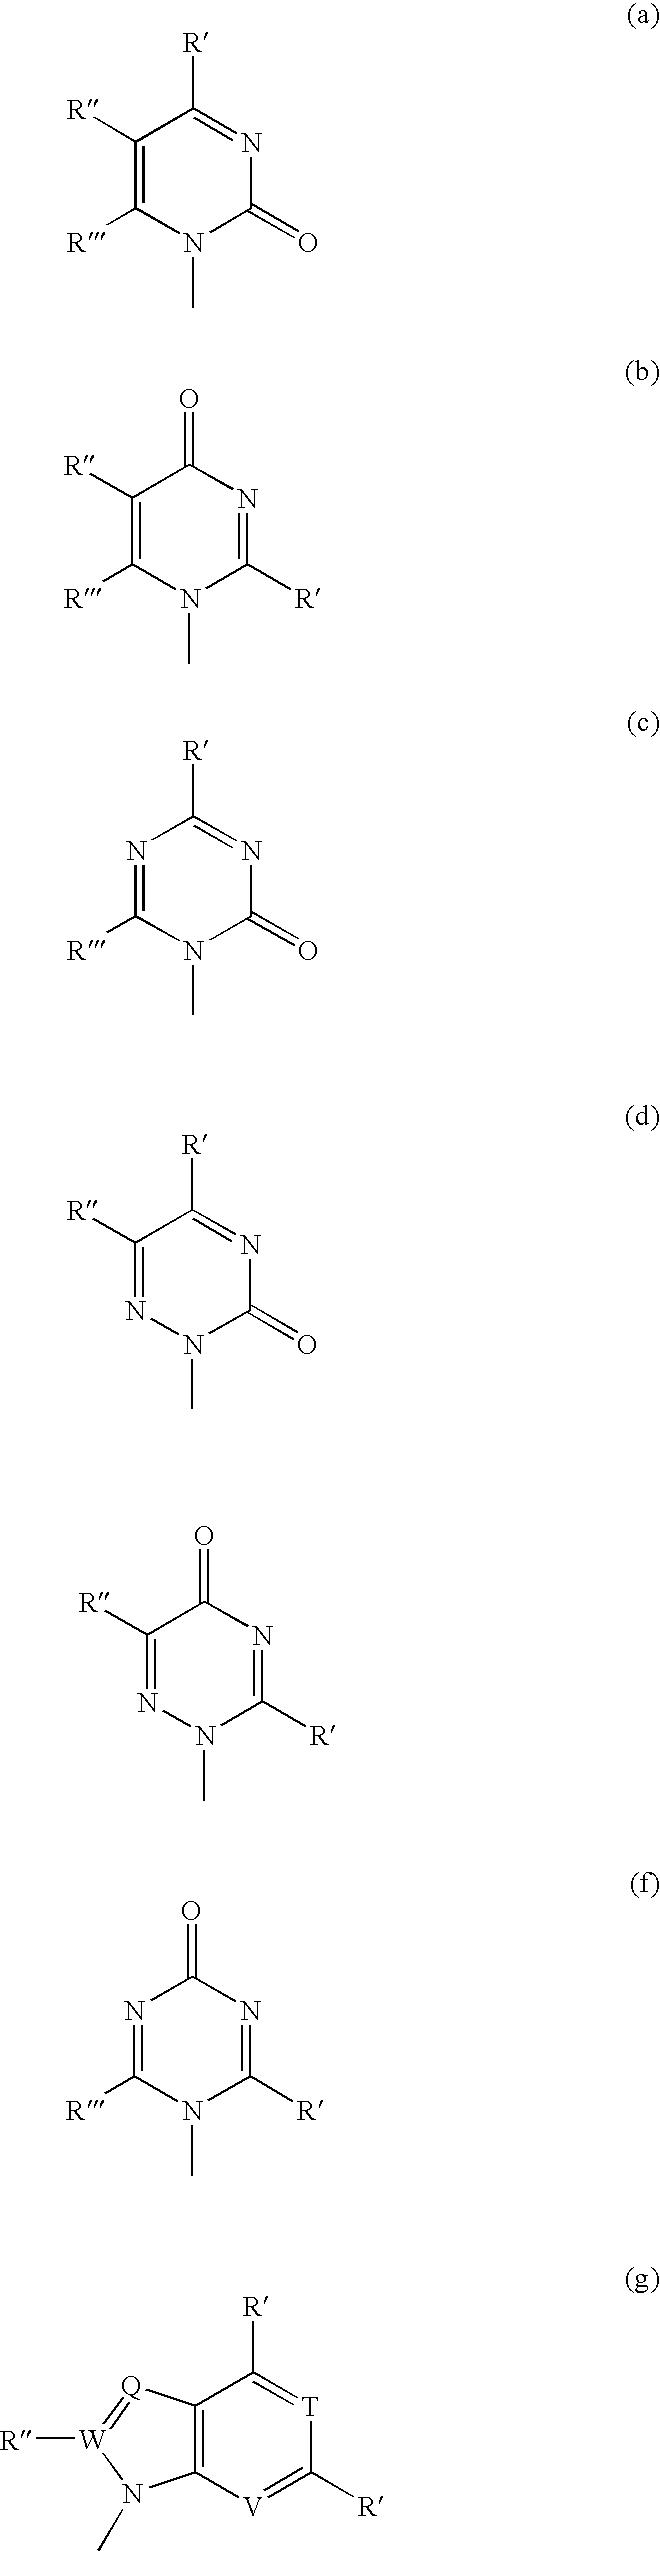 Figure US07608600-20091027-C00068